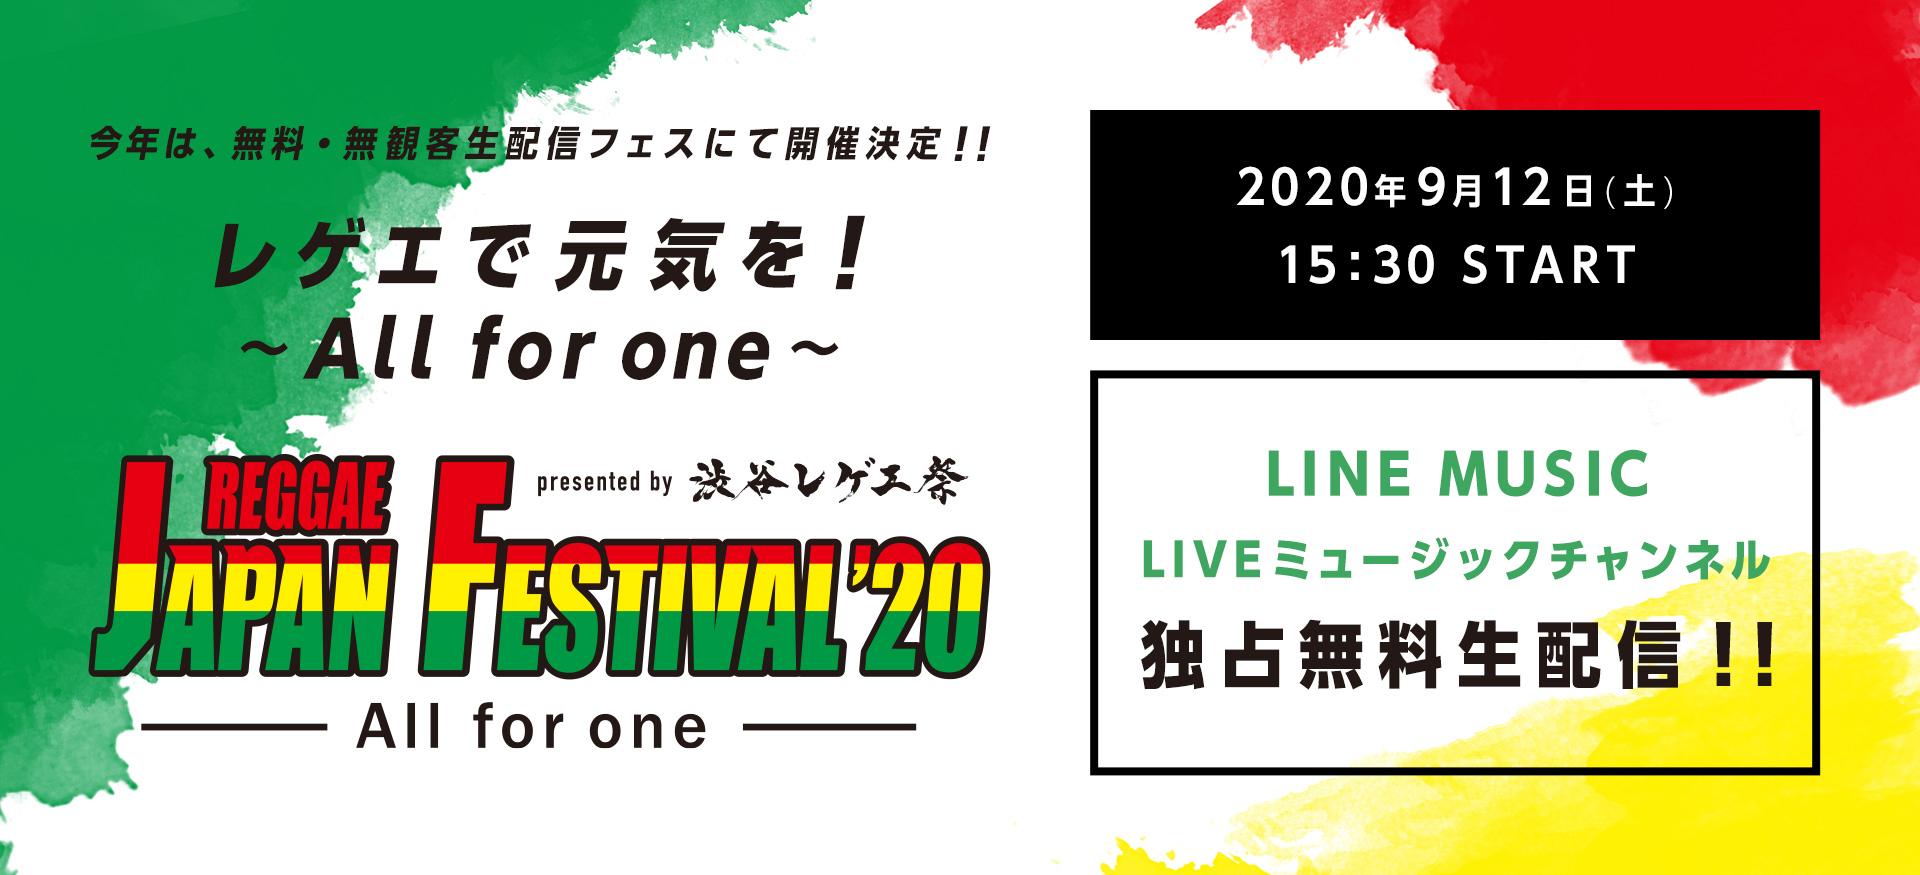 渋谷レゲエ祭配信フェス